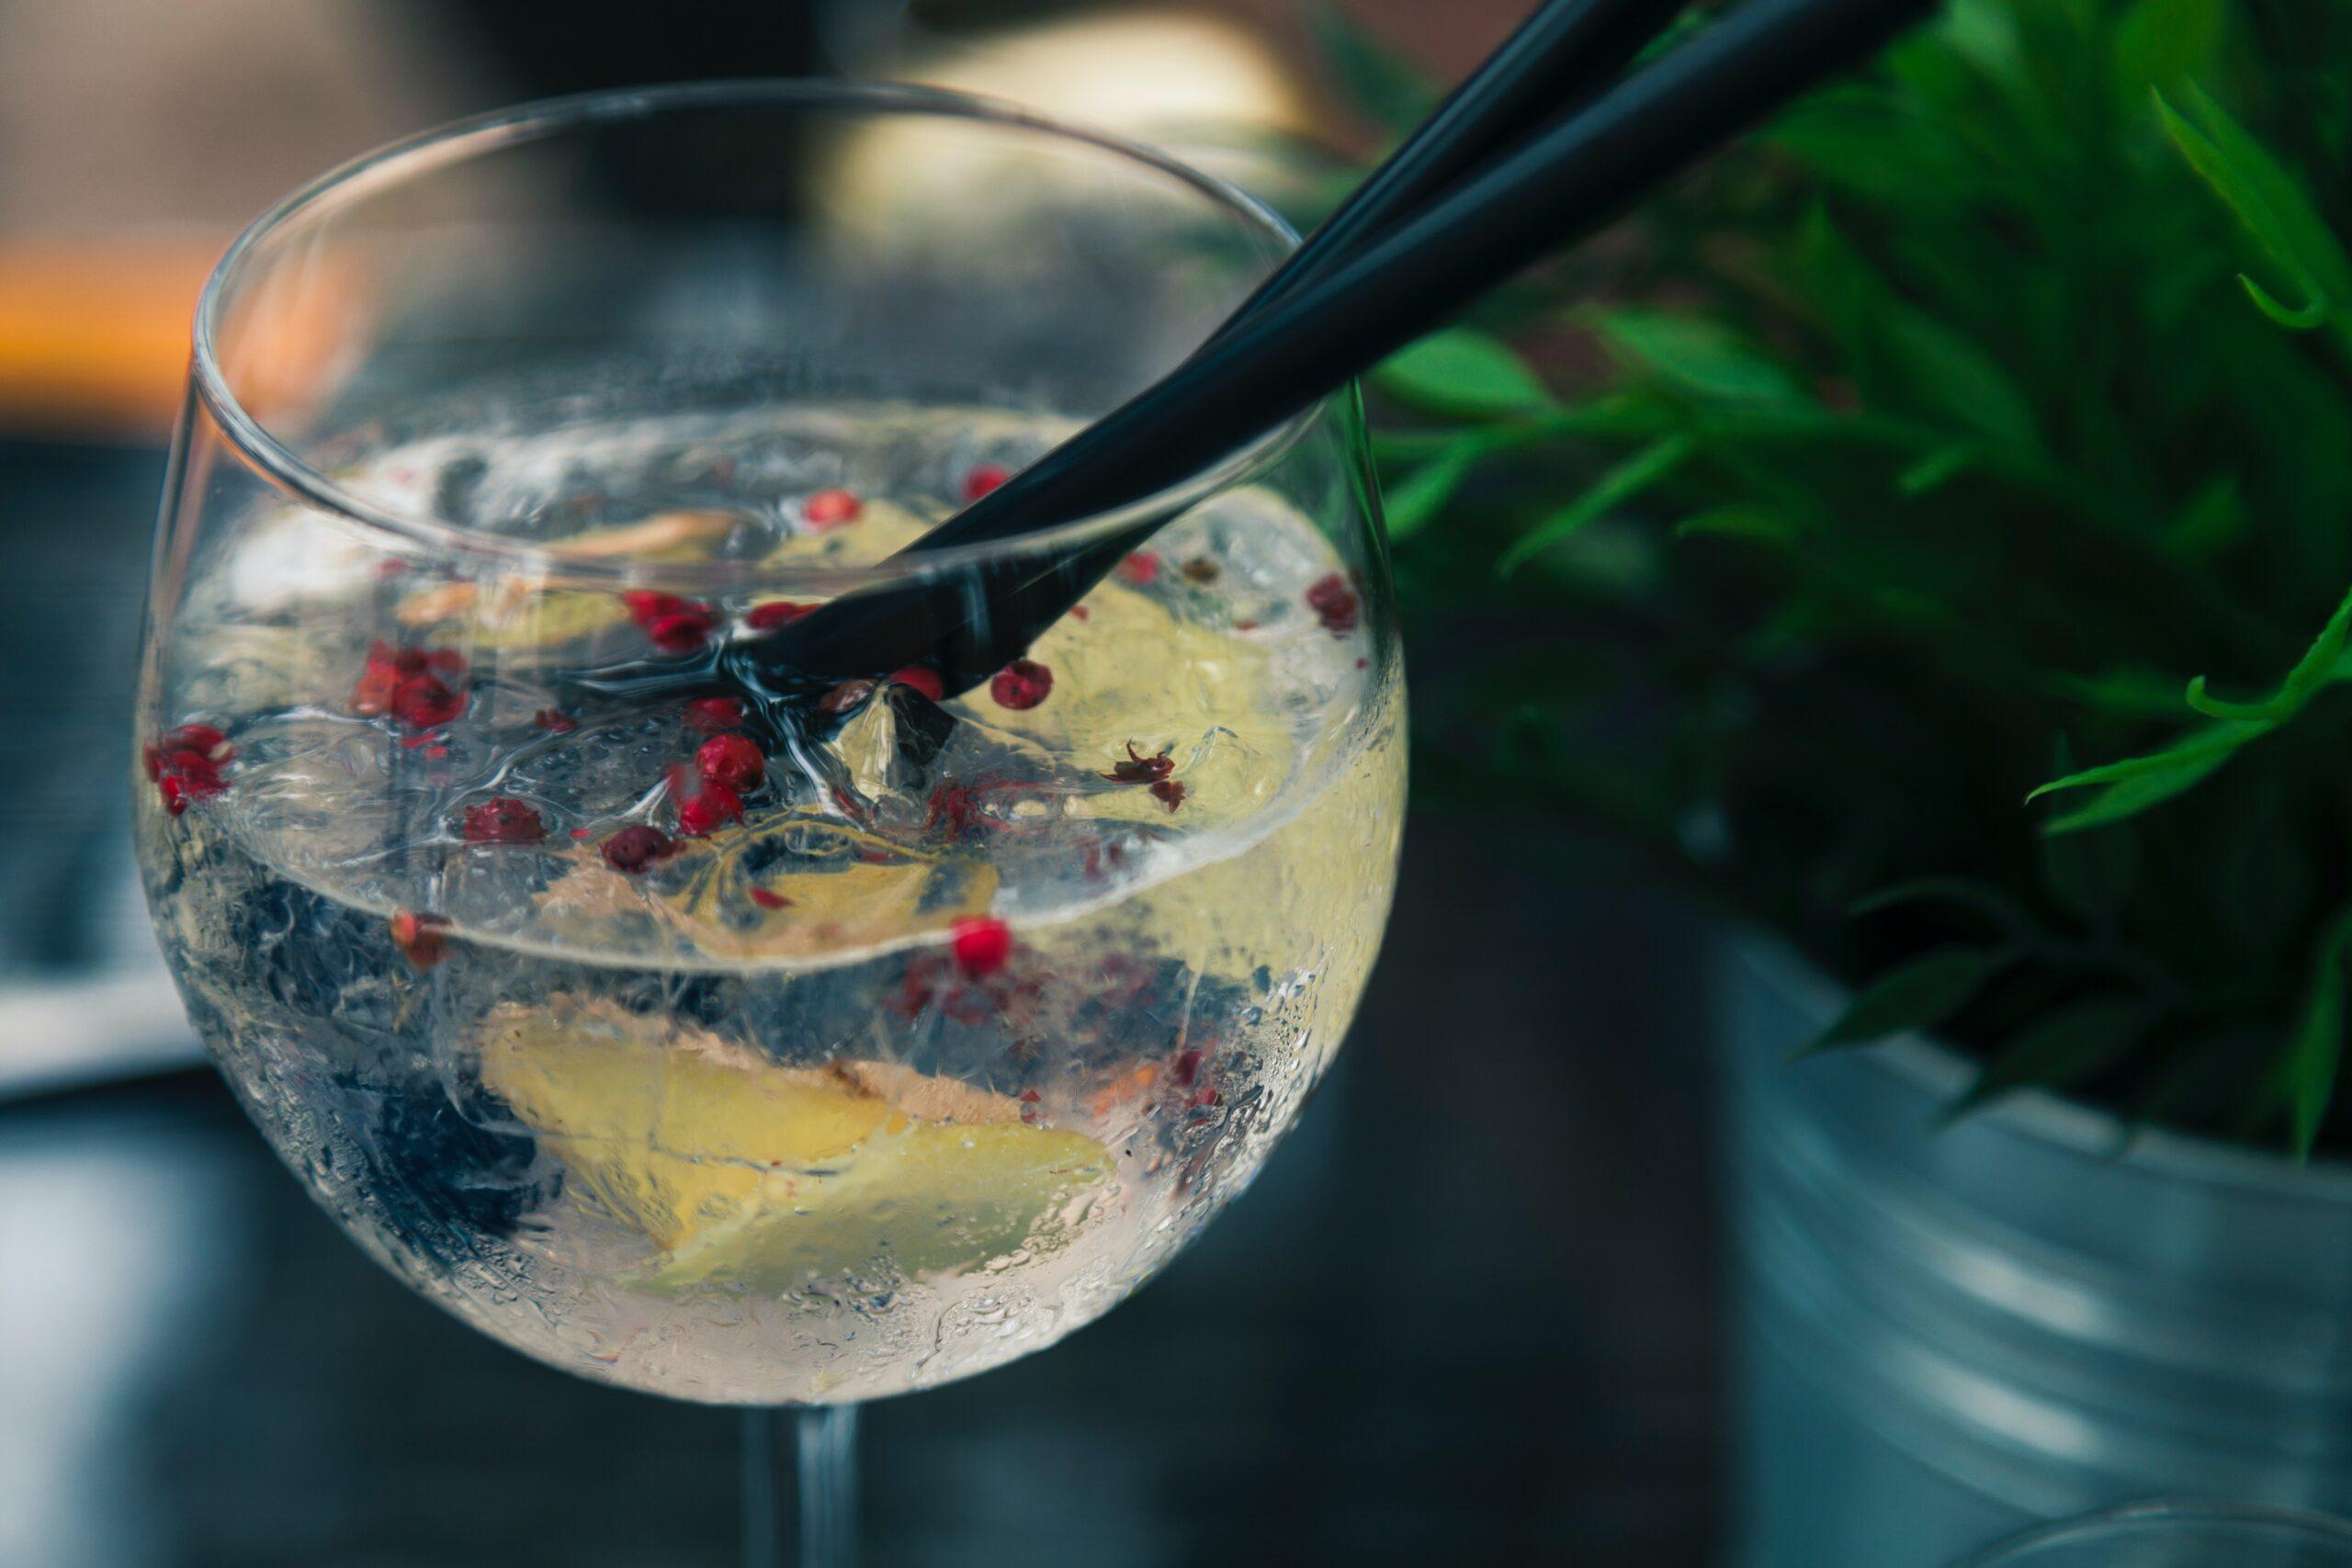 Gin with garnish